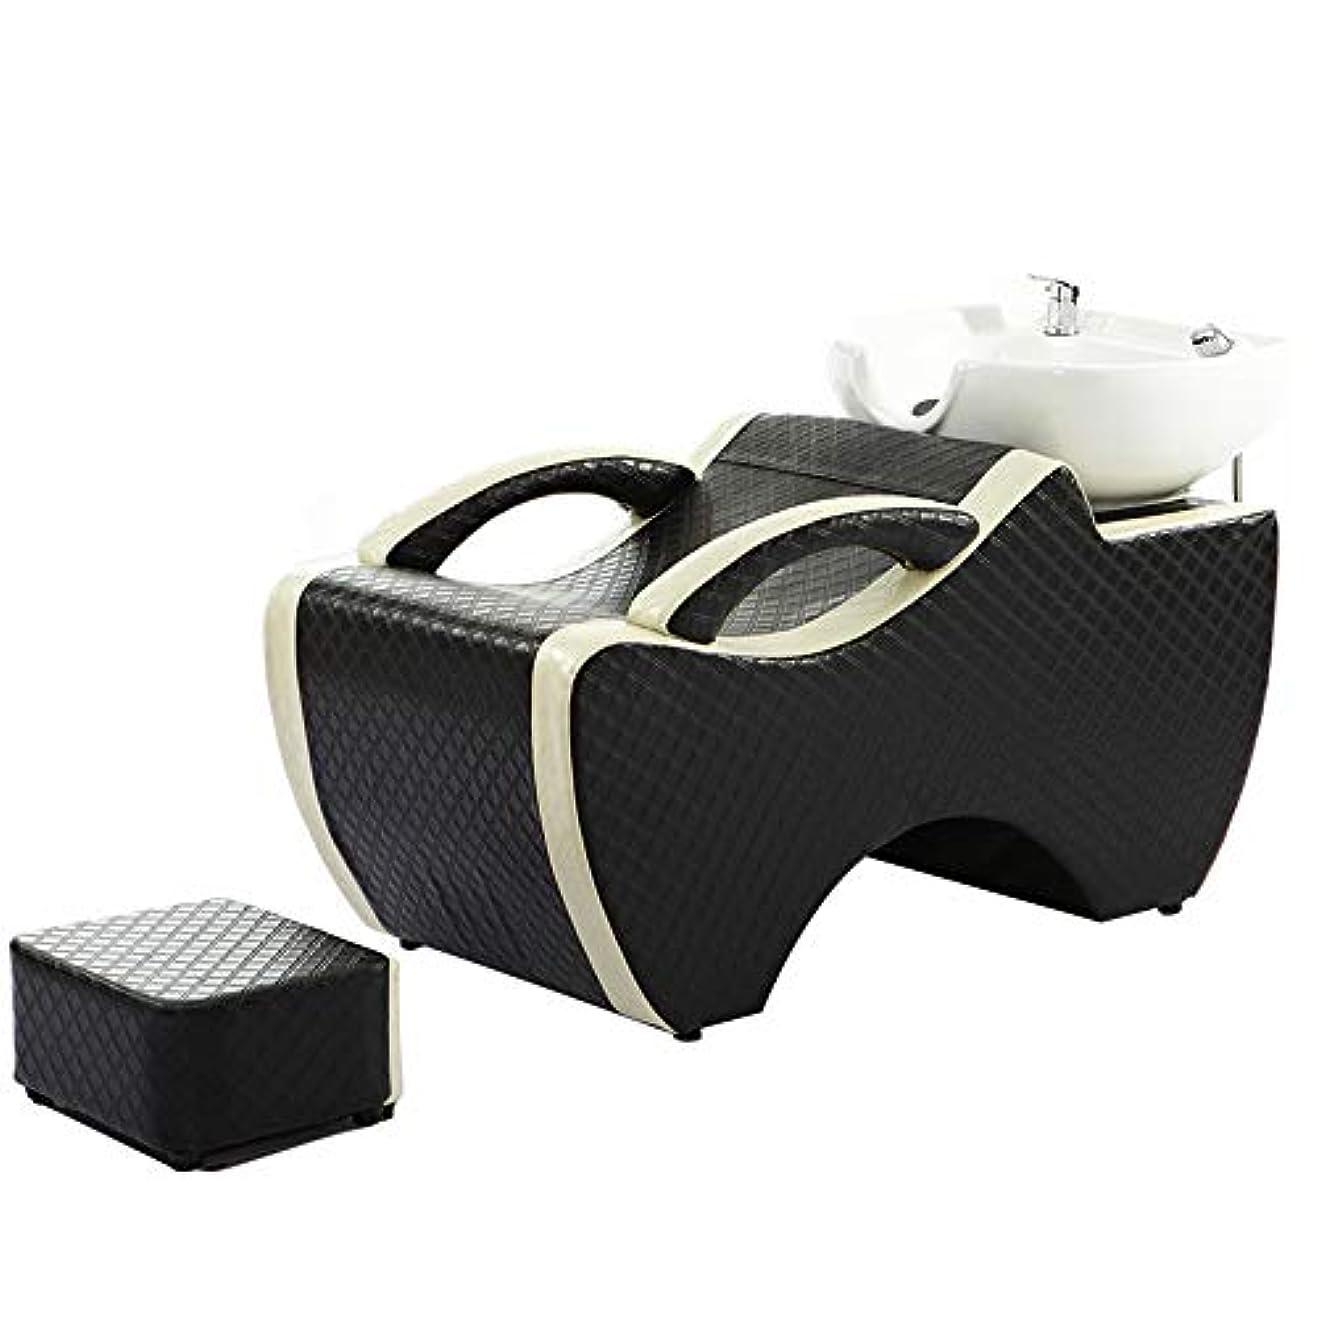 ジャンクション横たわる火傷シャンプー椅子、逆洗ユニットシャンプーボウル理髪シンク椅子用スパ美容院ベッドセラミック洗面台